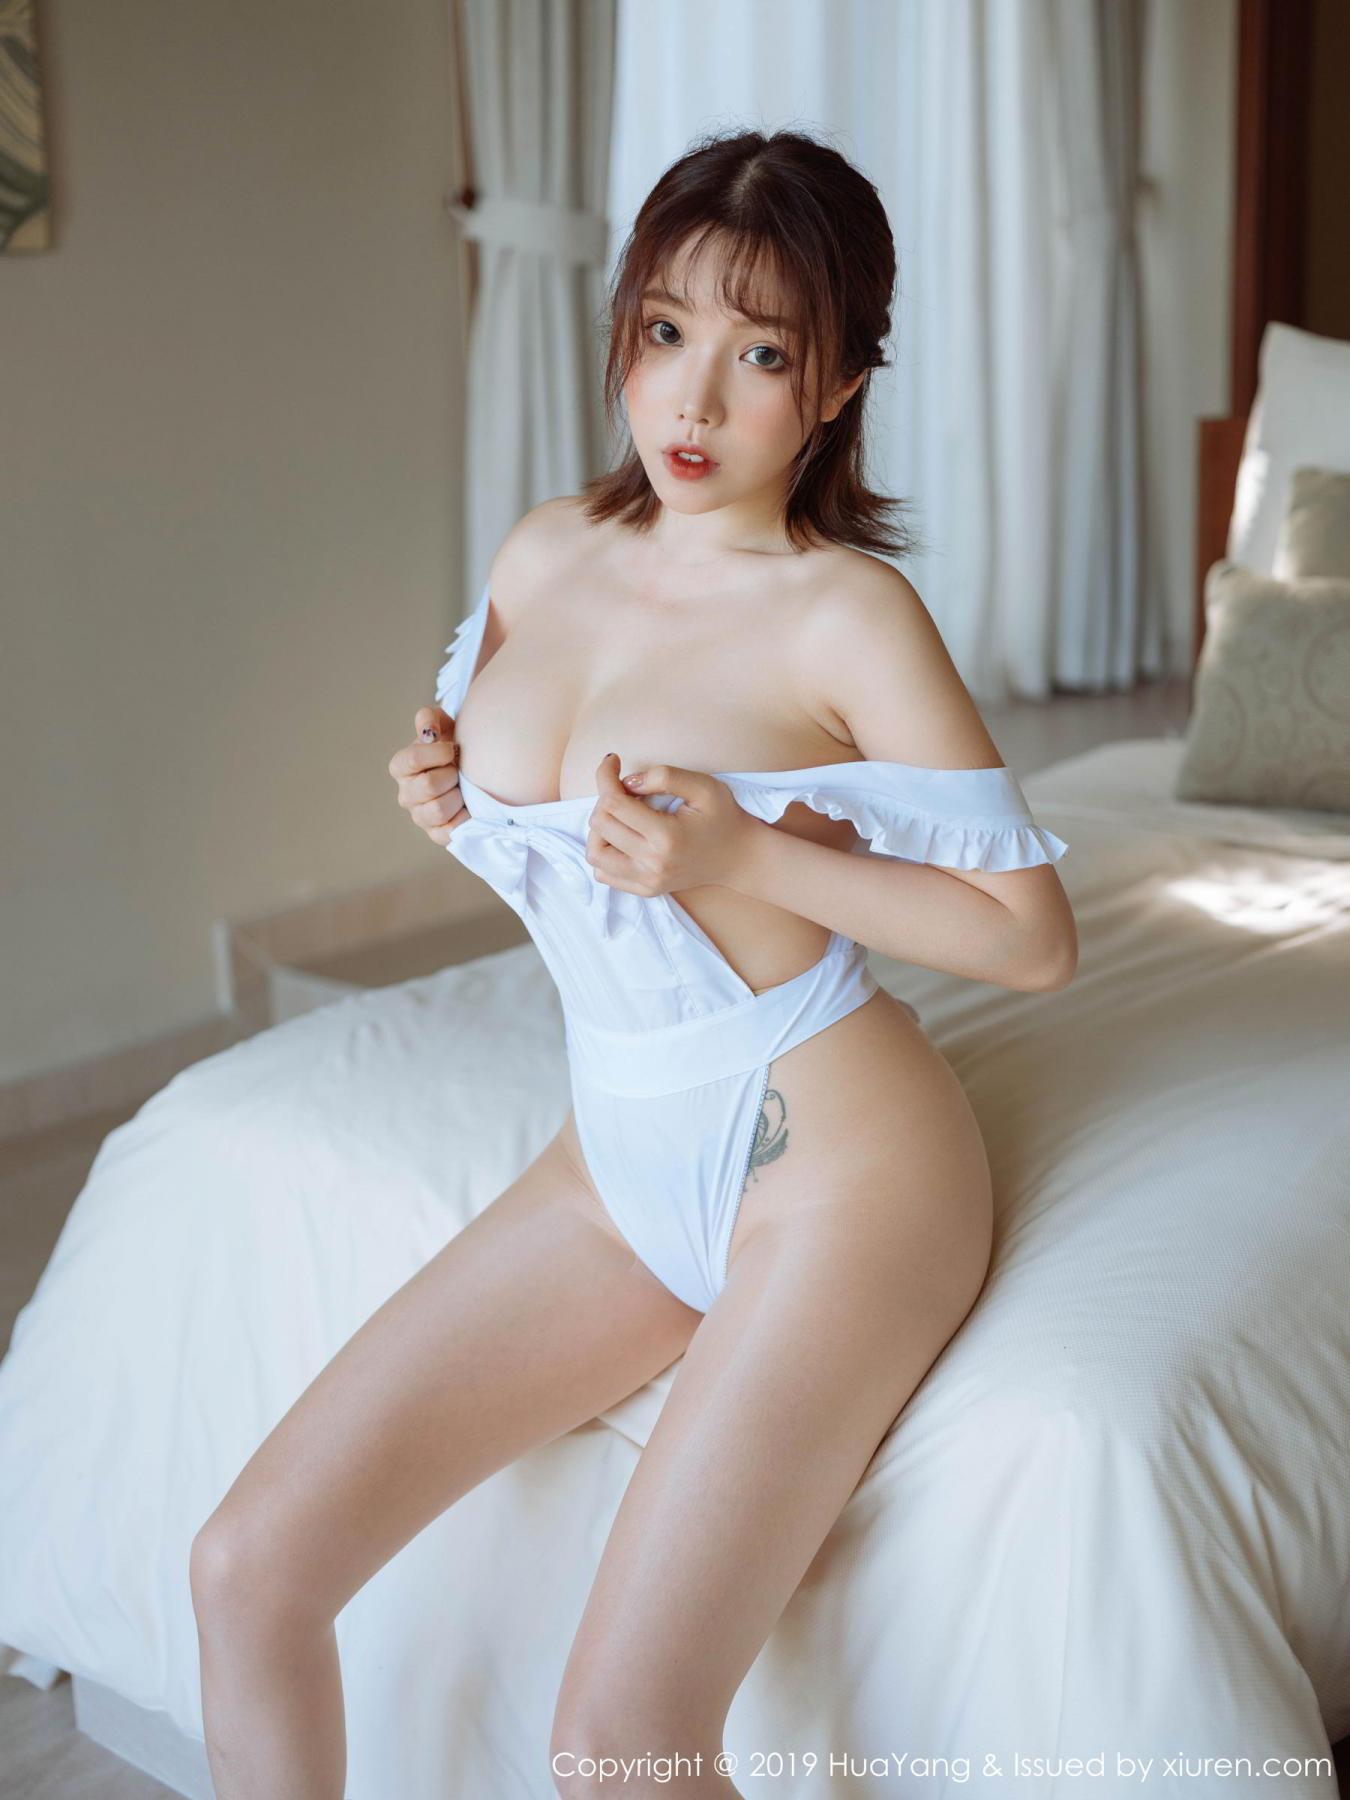 [Huayang] Vol.134 Huang Le Ran 13P, Huang Le Ran, HuaYang, Maid, Sexy